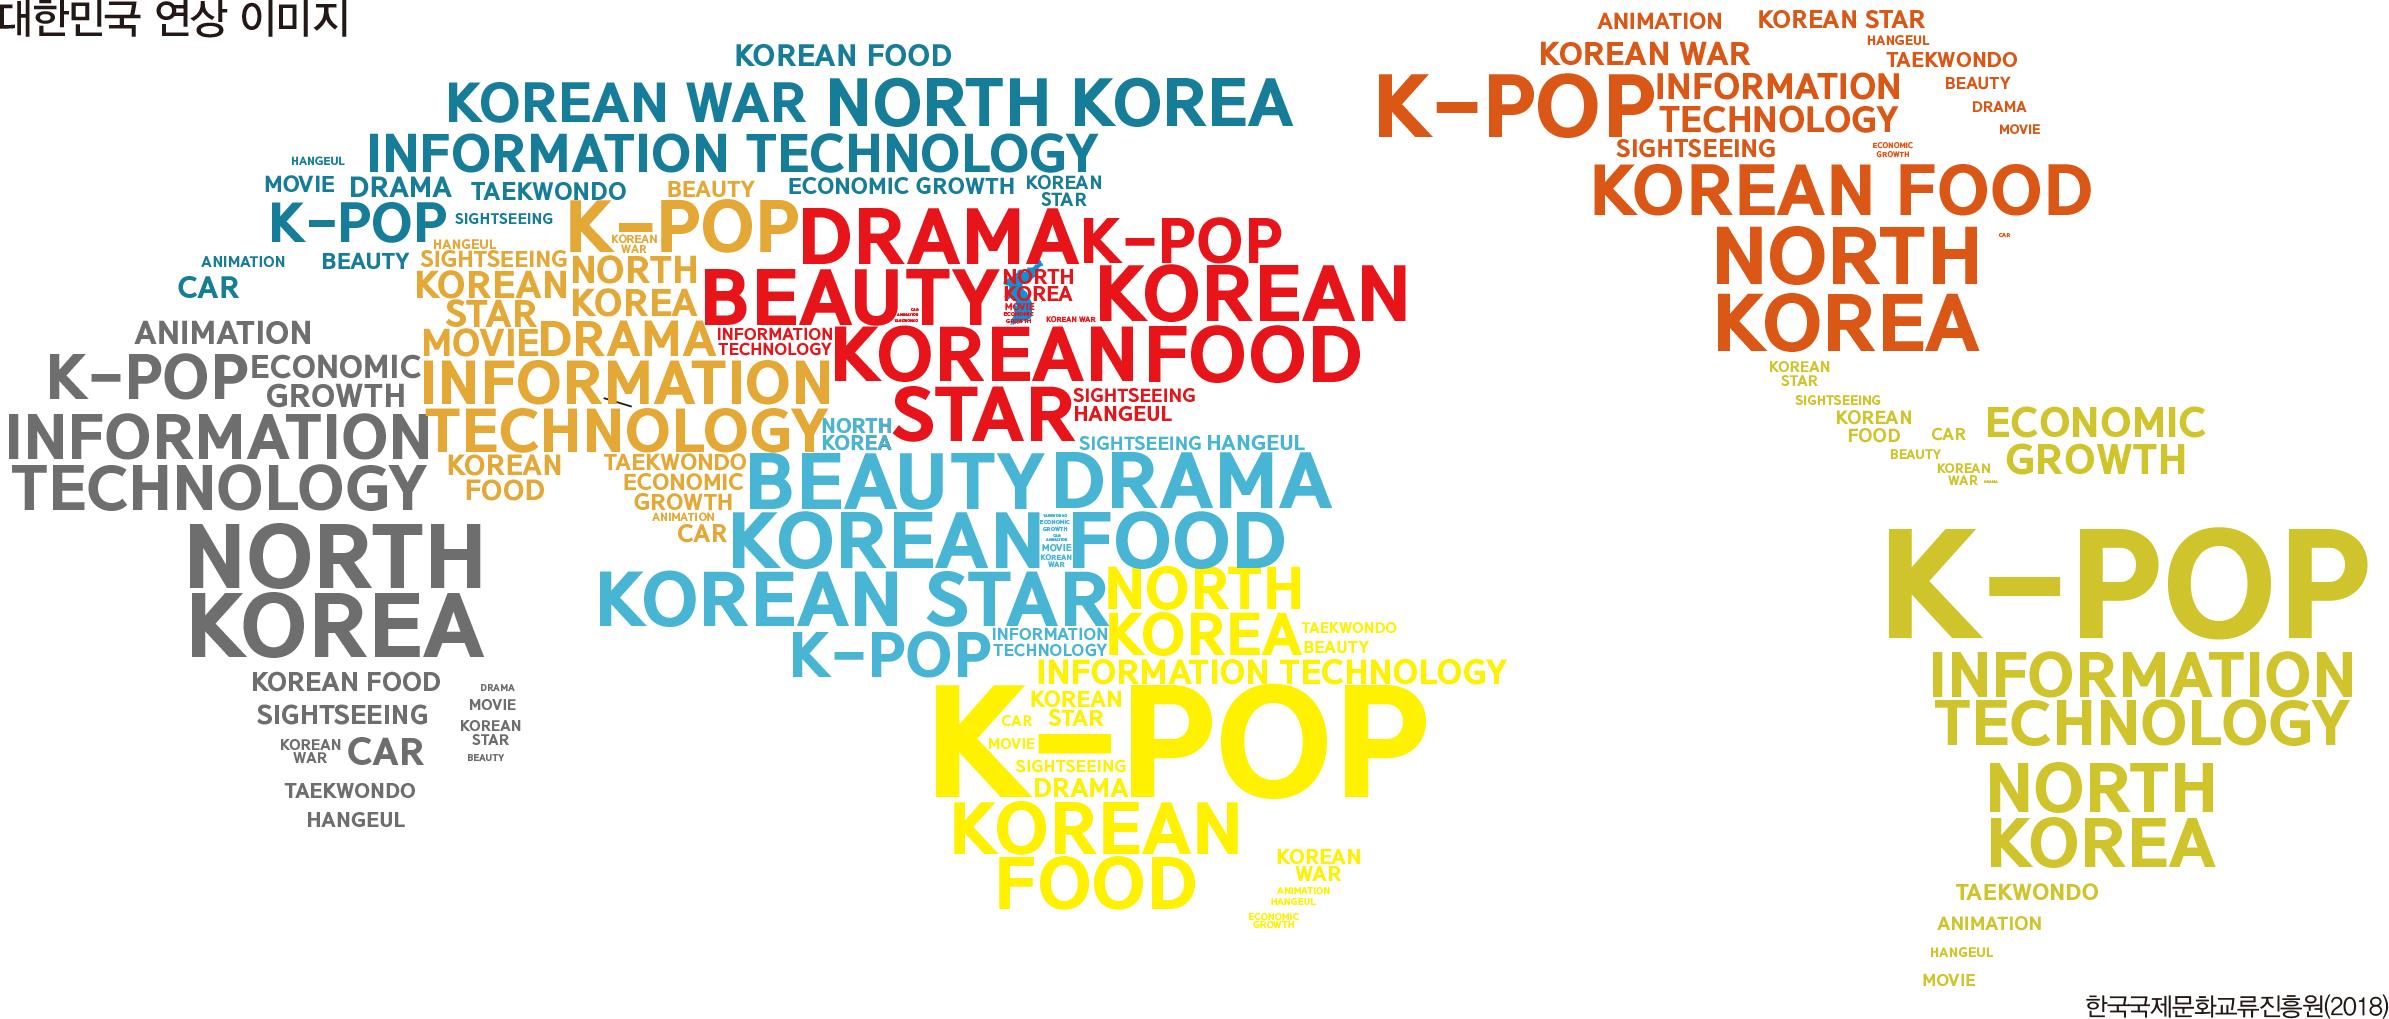 대한민국 연상 이미지